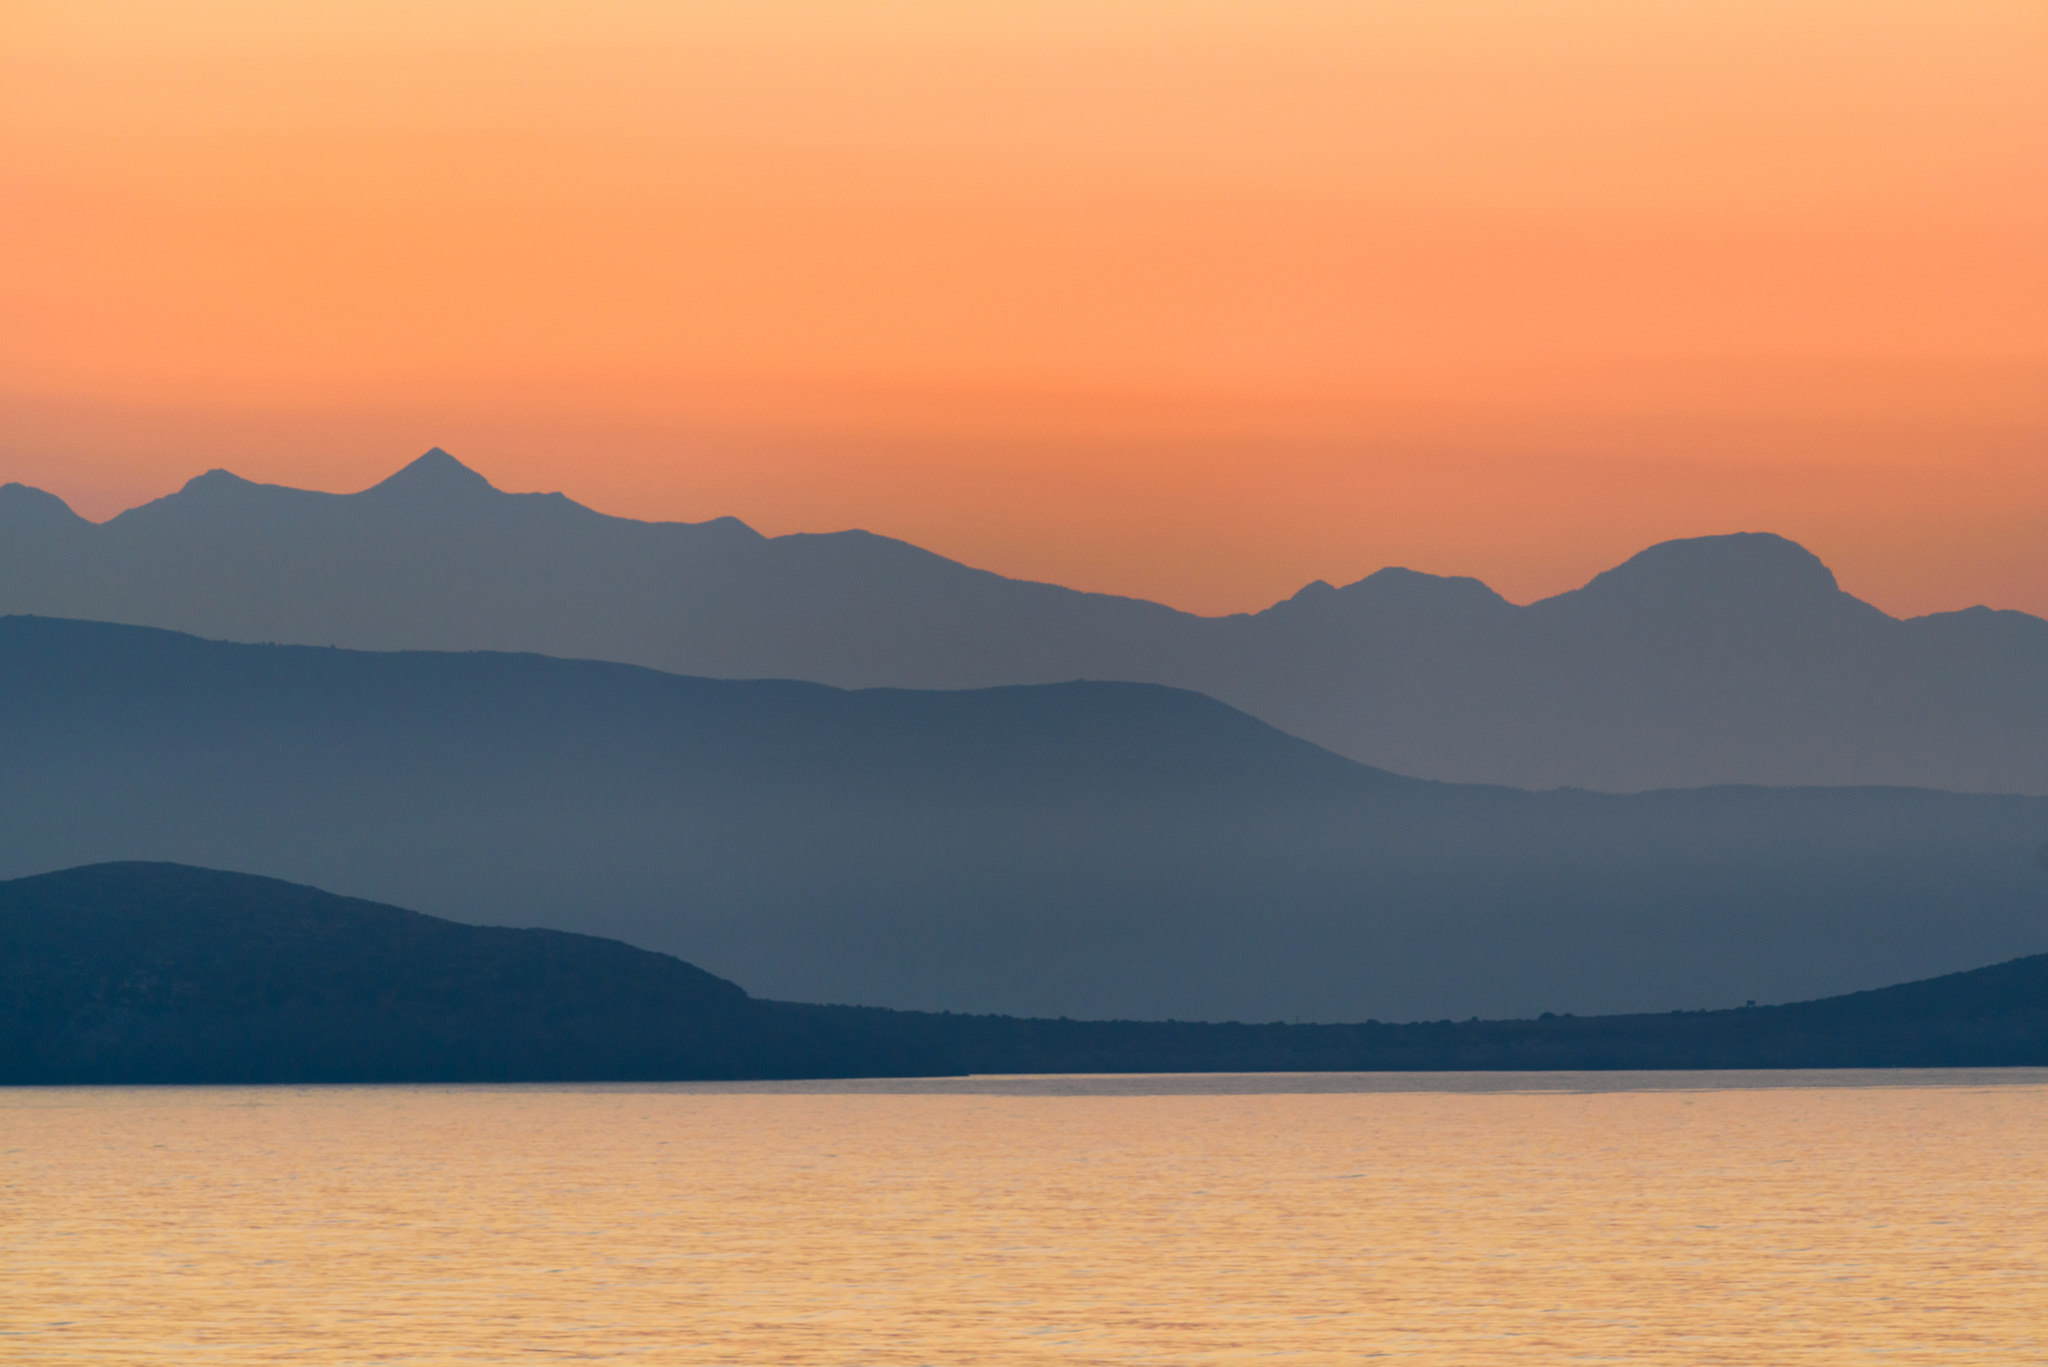 Mediterranean, Costa, Griechenland, Hügel, Berge, Sonnenuntergang - Wallpaper HD - Prof.-falken.com